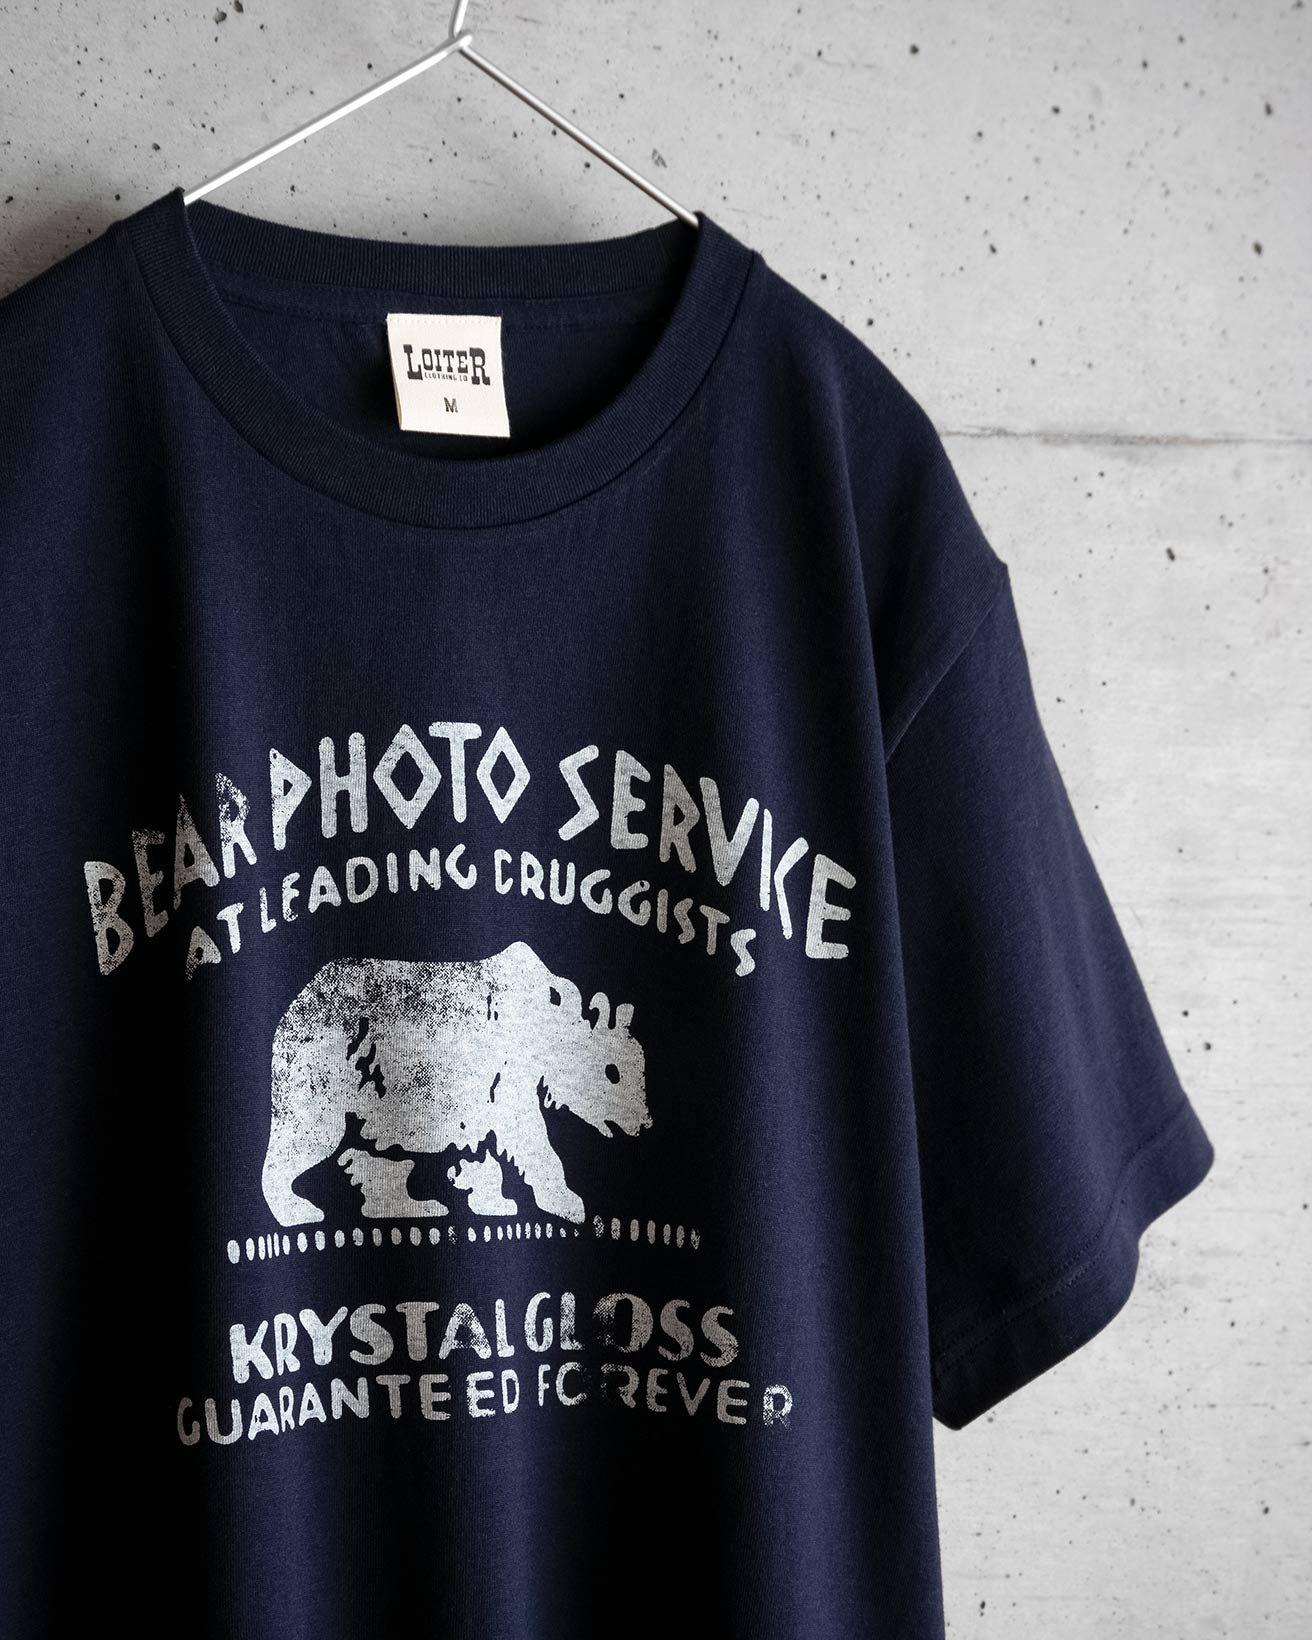 アメカジ BEAR PHOTO SERVICE Tシャツ